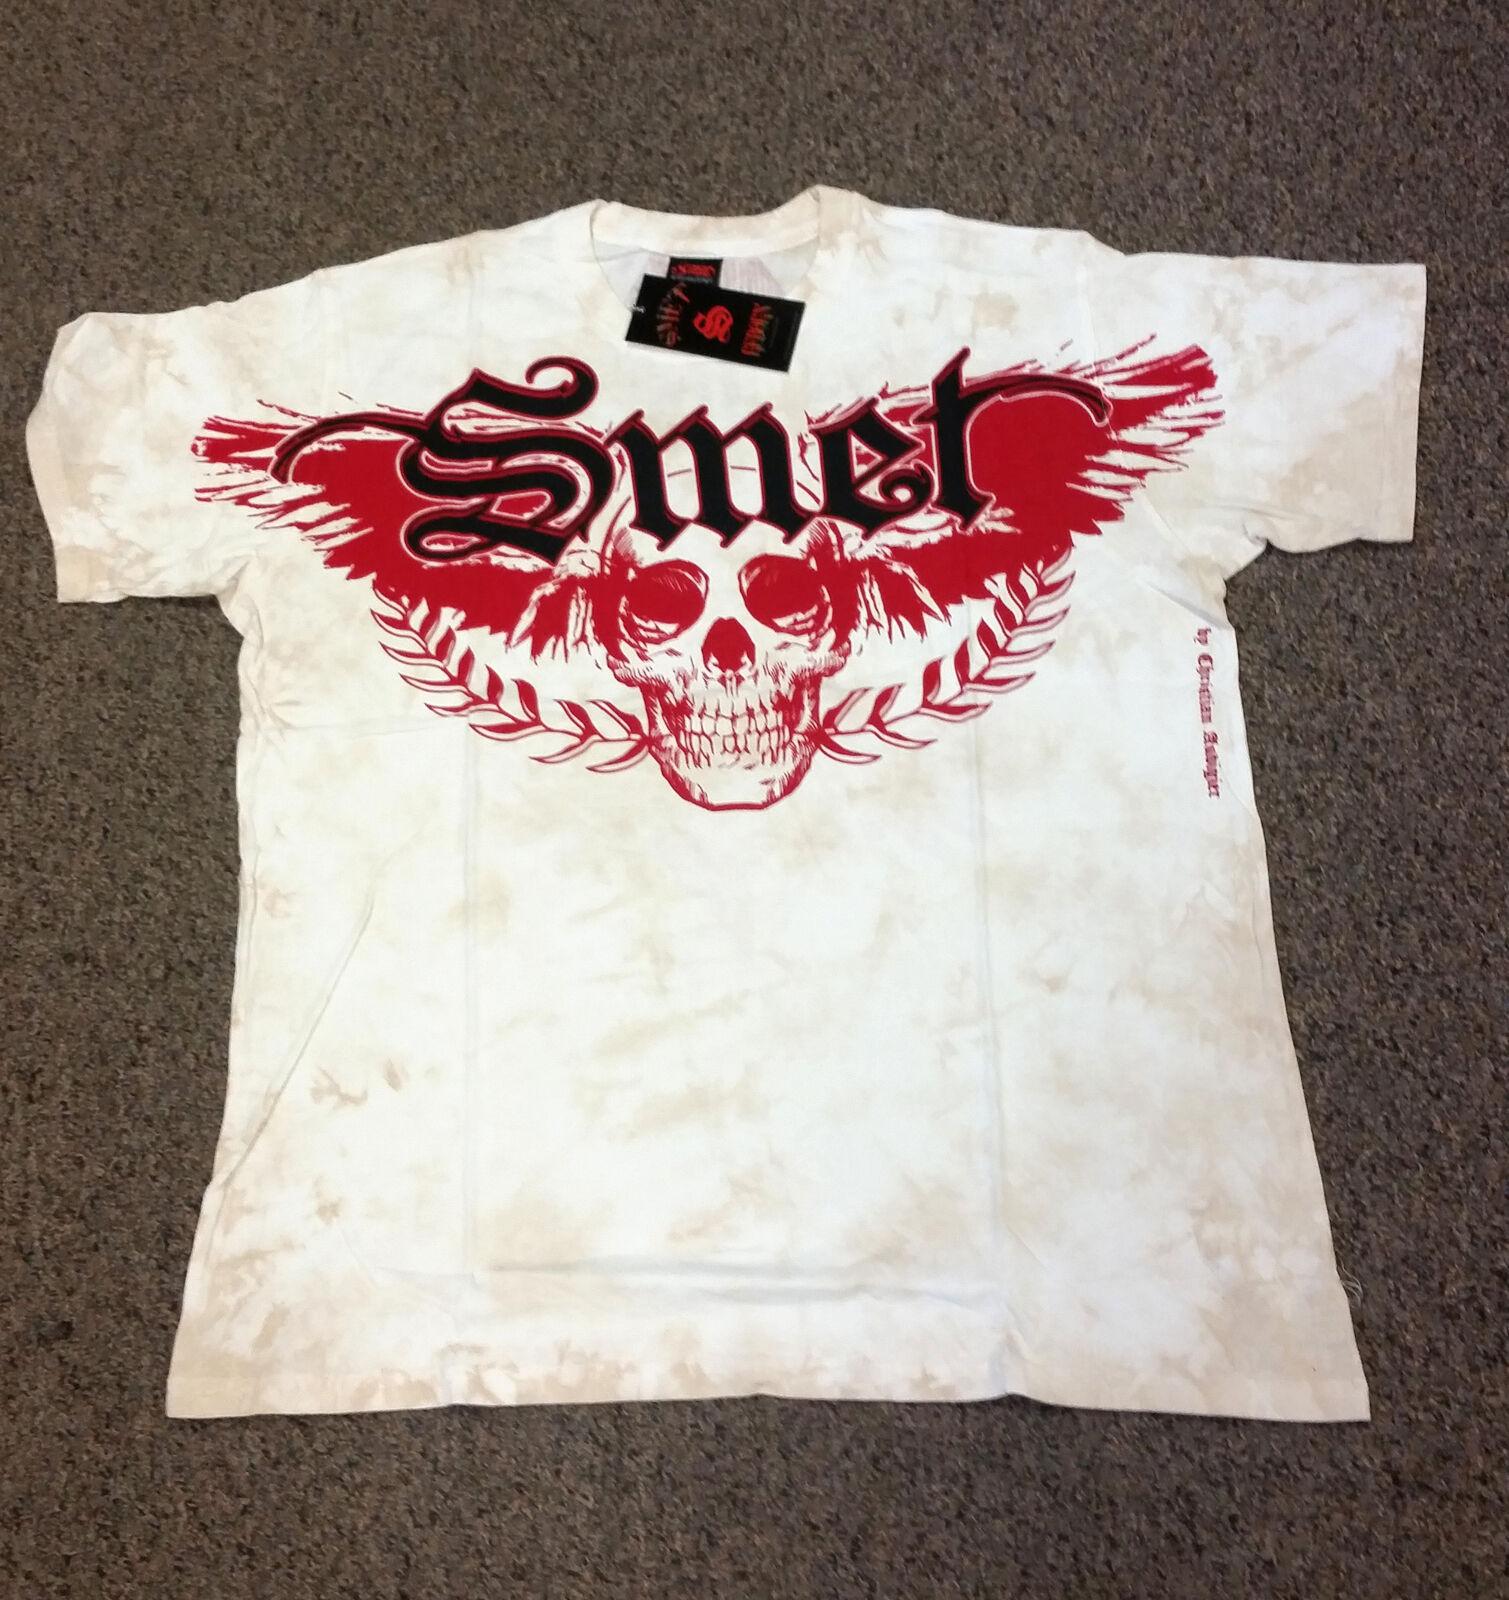 SMET by Christian Audigier Rennes Fleur de lis T Shirt